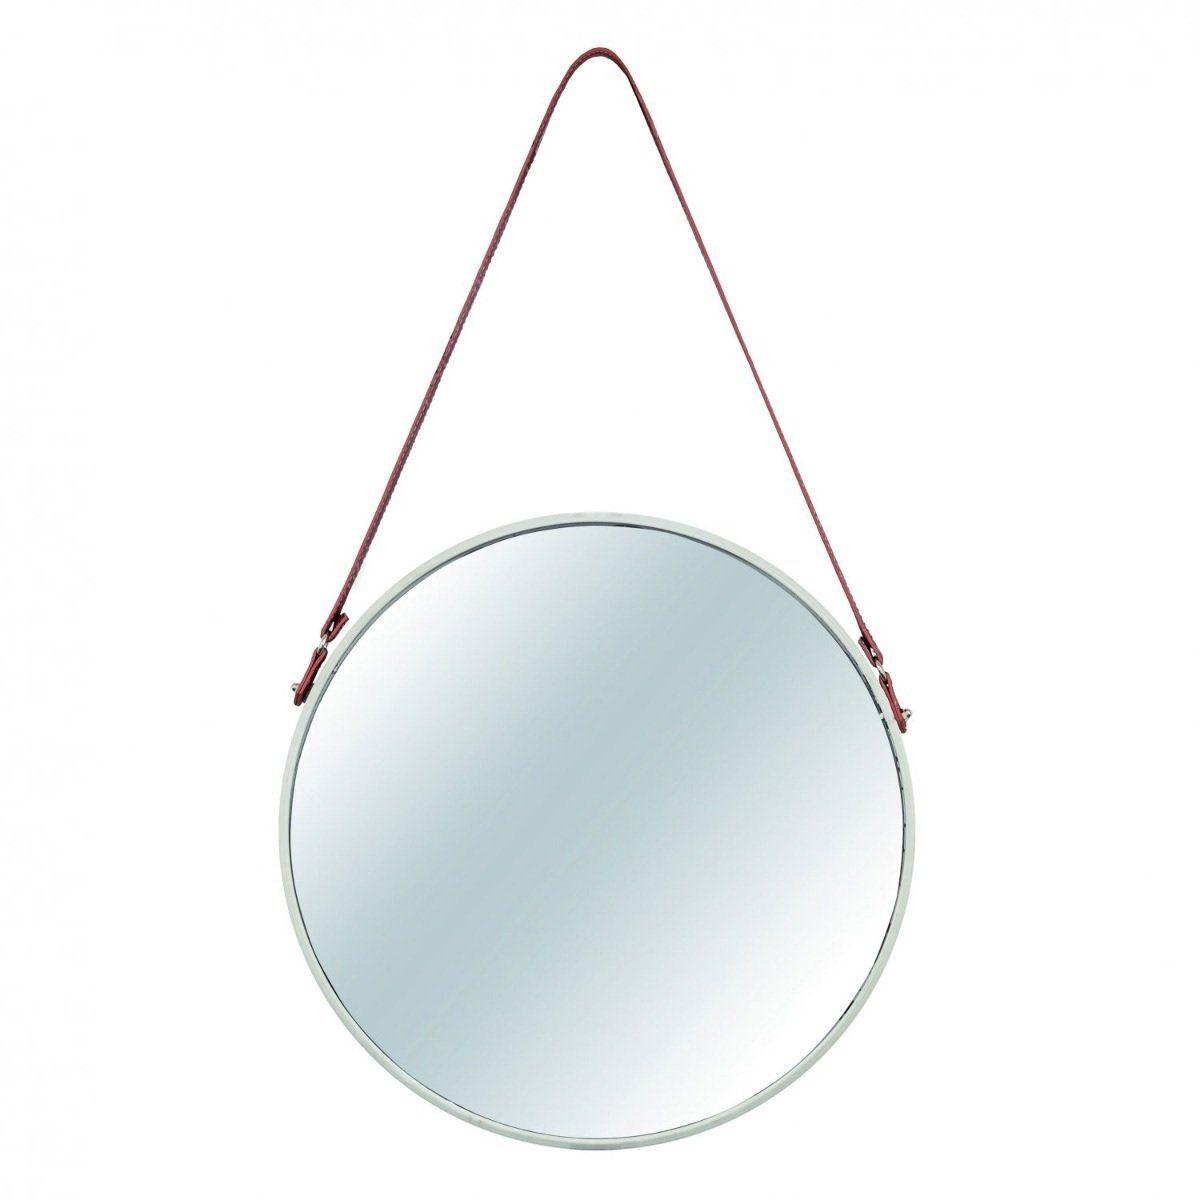 Espelho Redondo Decorativo Luxo Off White Alça Couro 40CM 7975